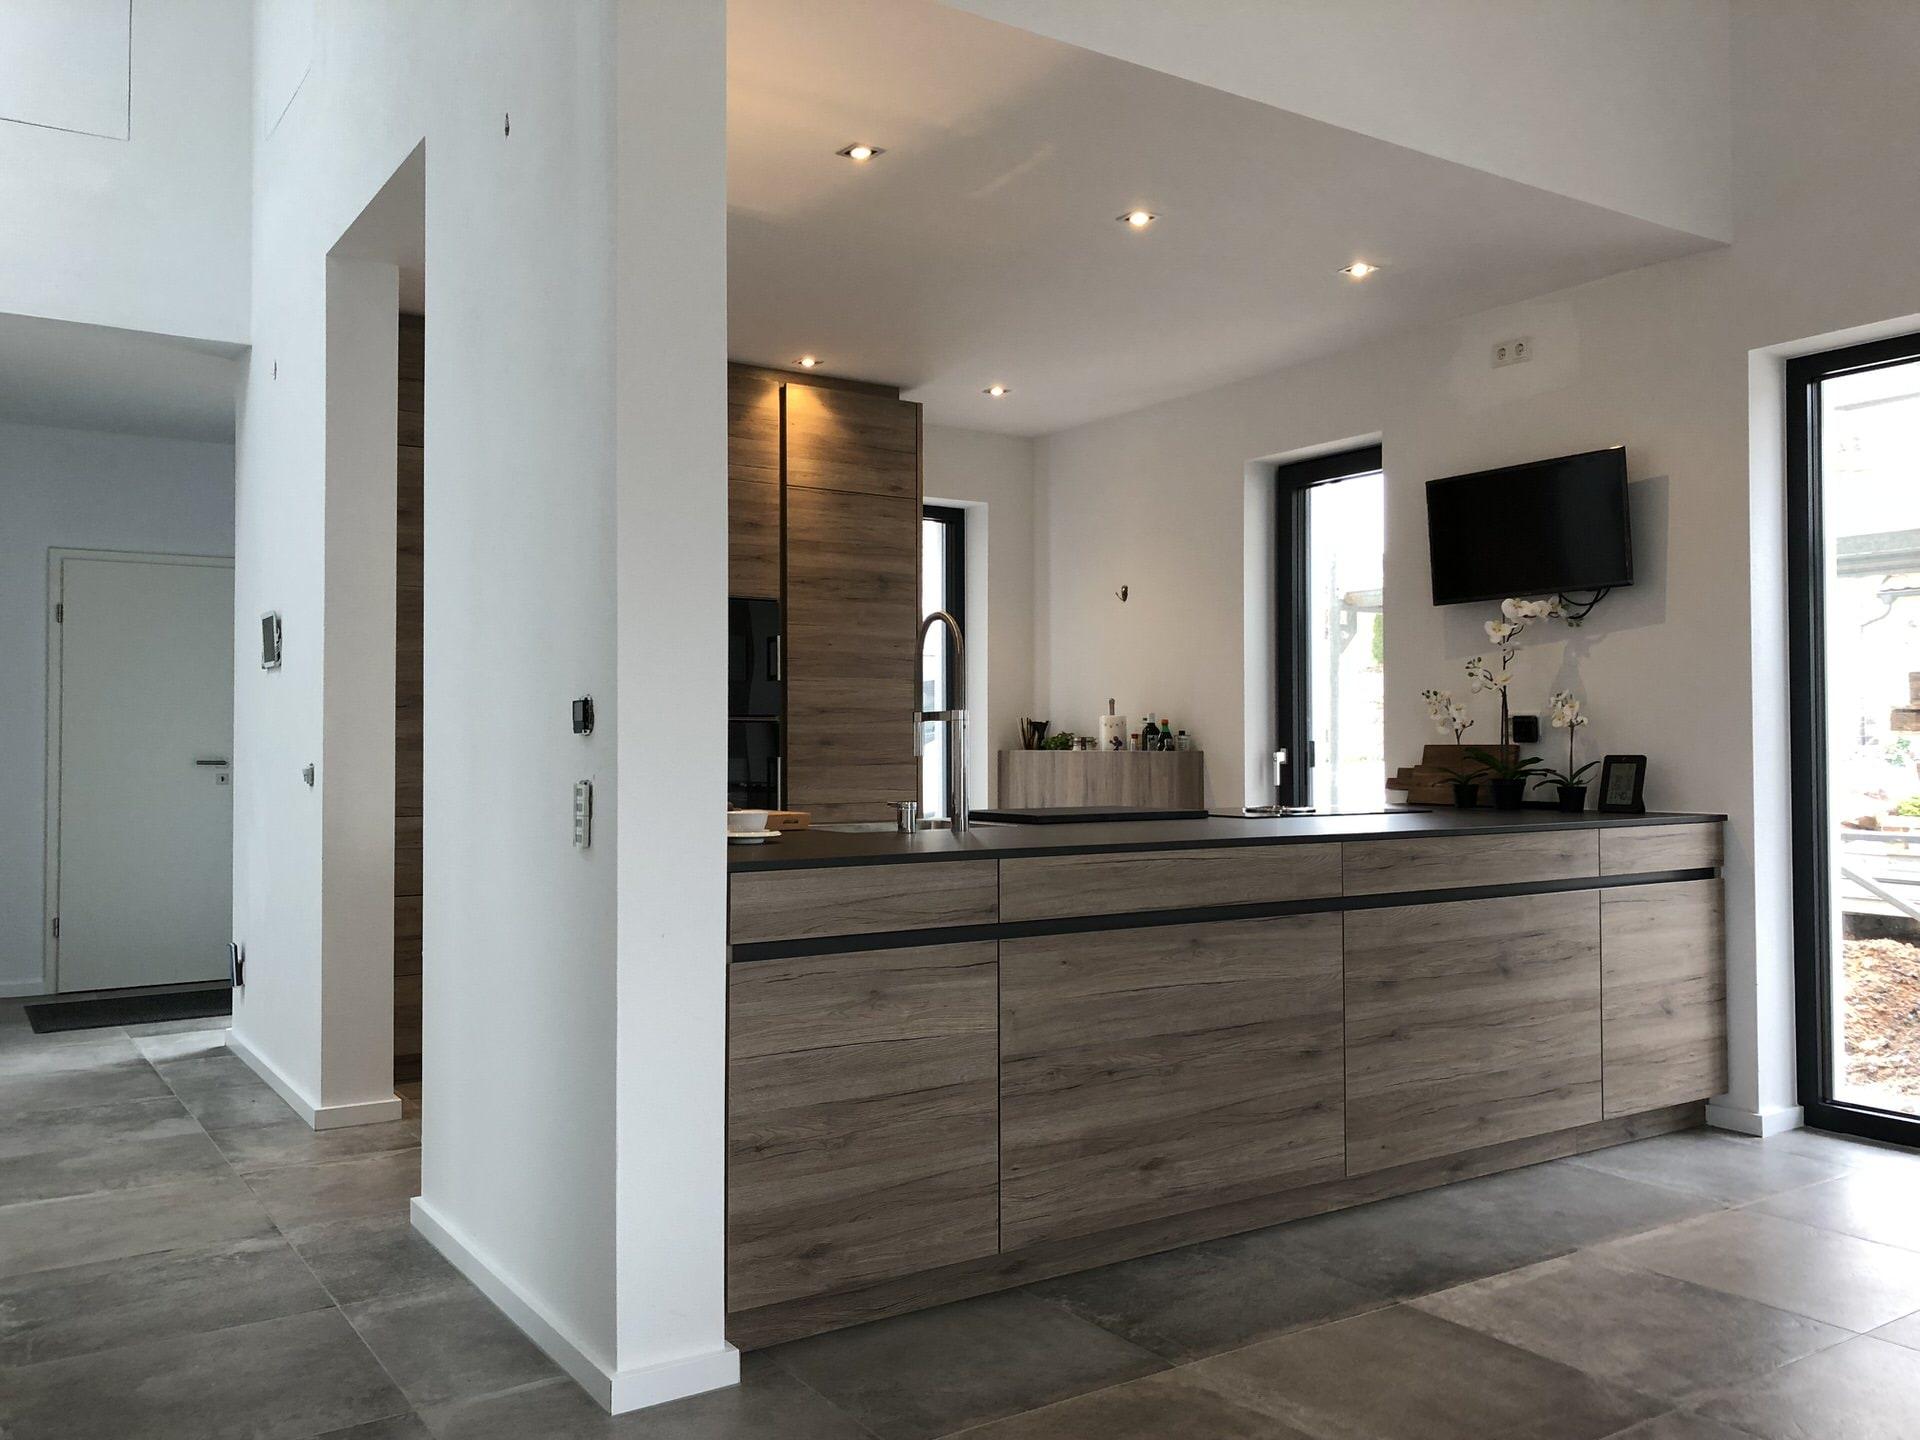 leicht avance in eiche veigl k chen bayreuth das k chenstudio. Black Bedroom Furniture Sets. Home Design Ideas